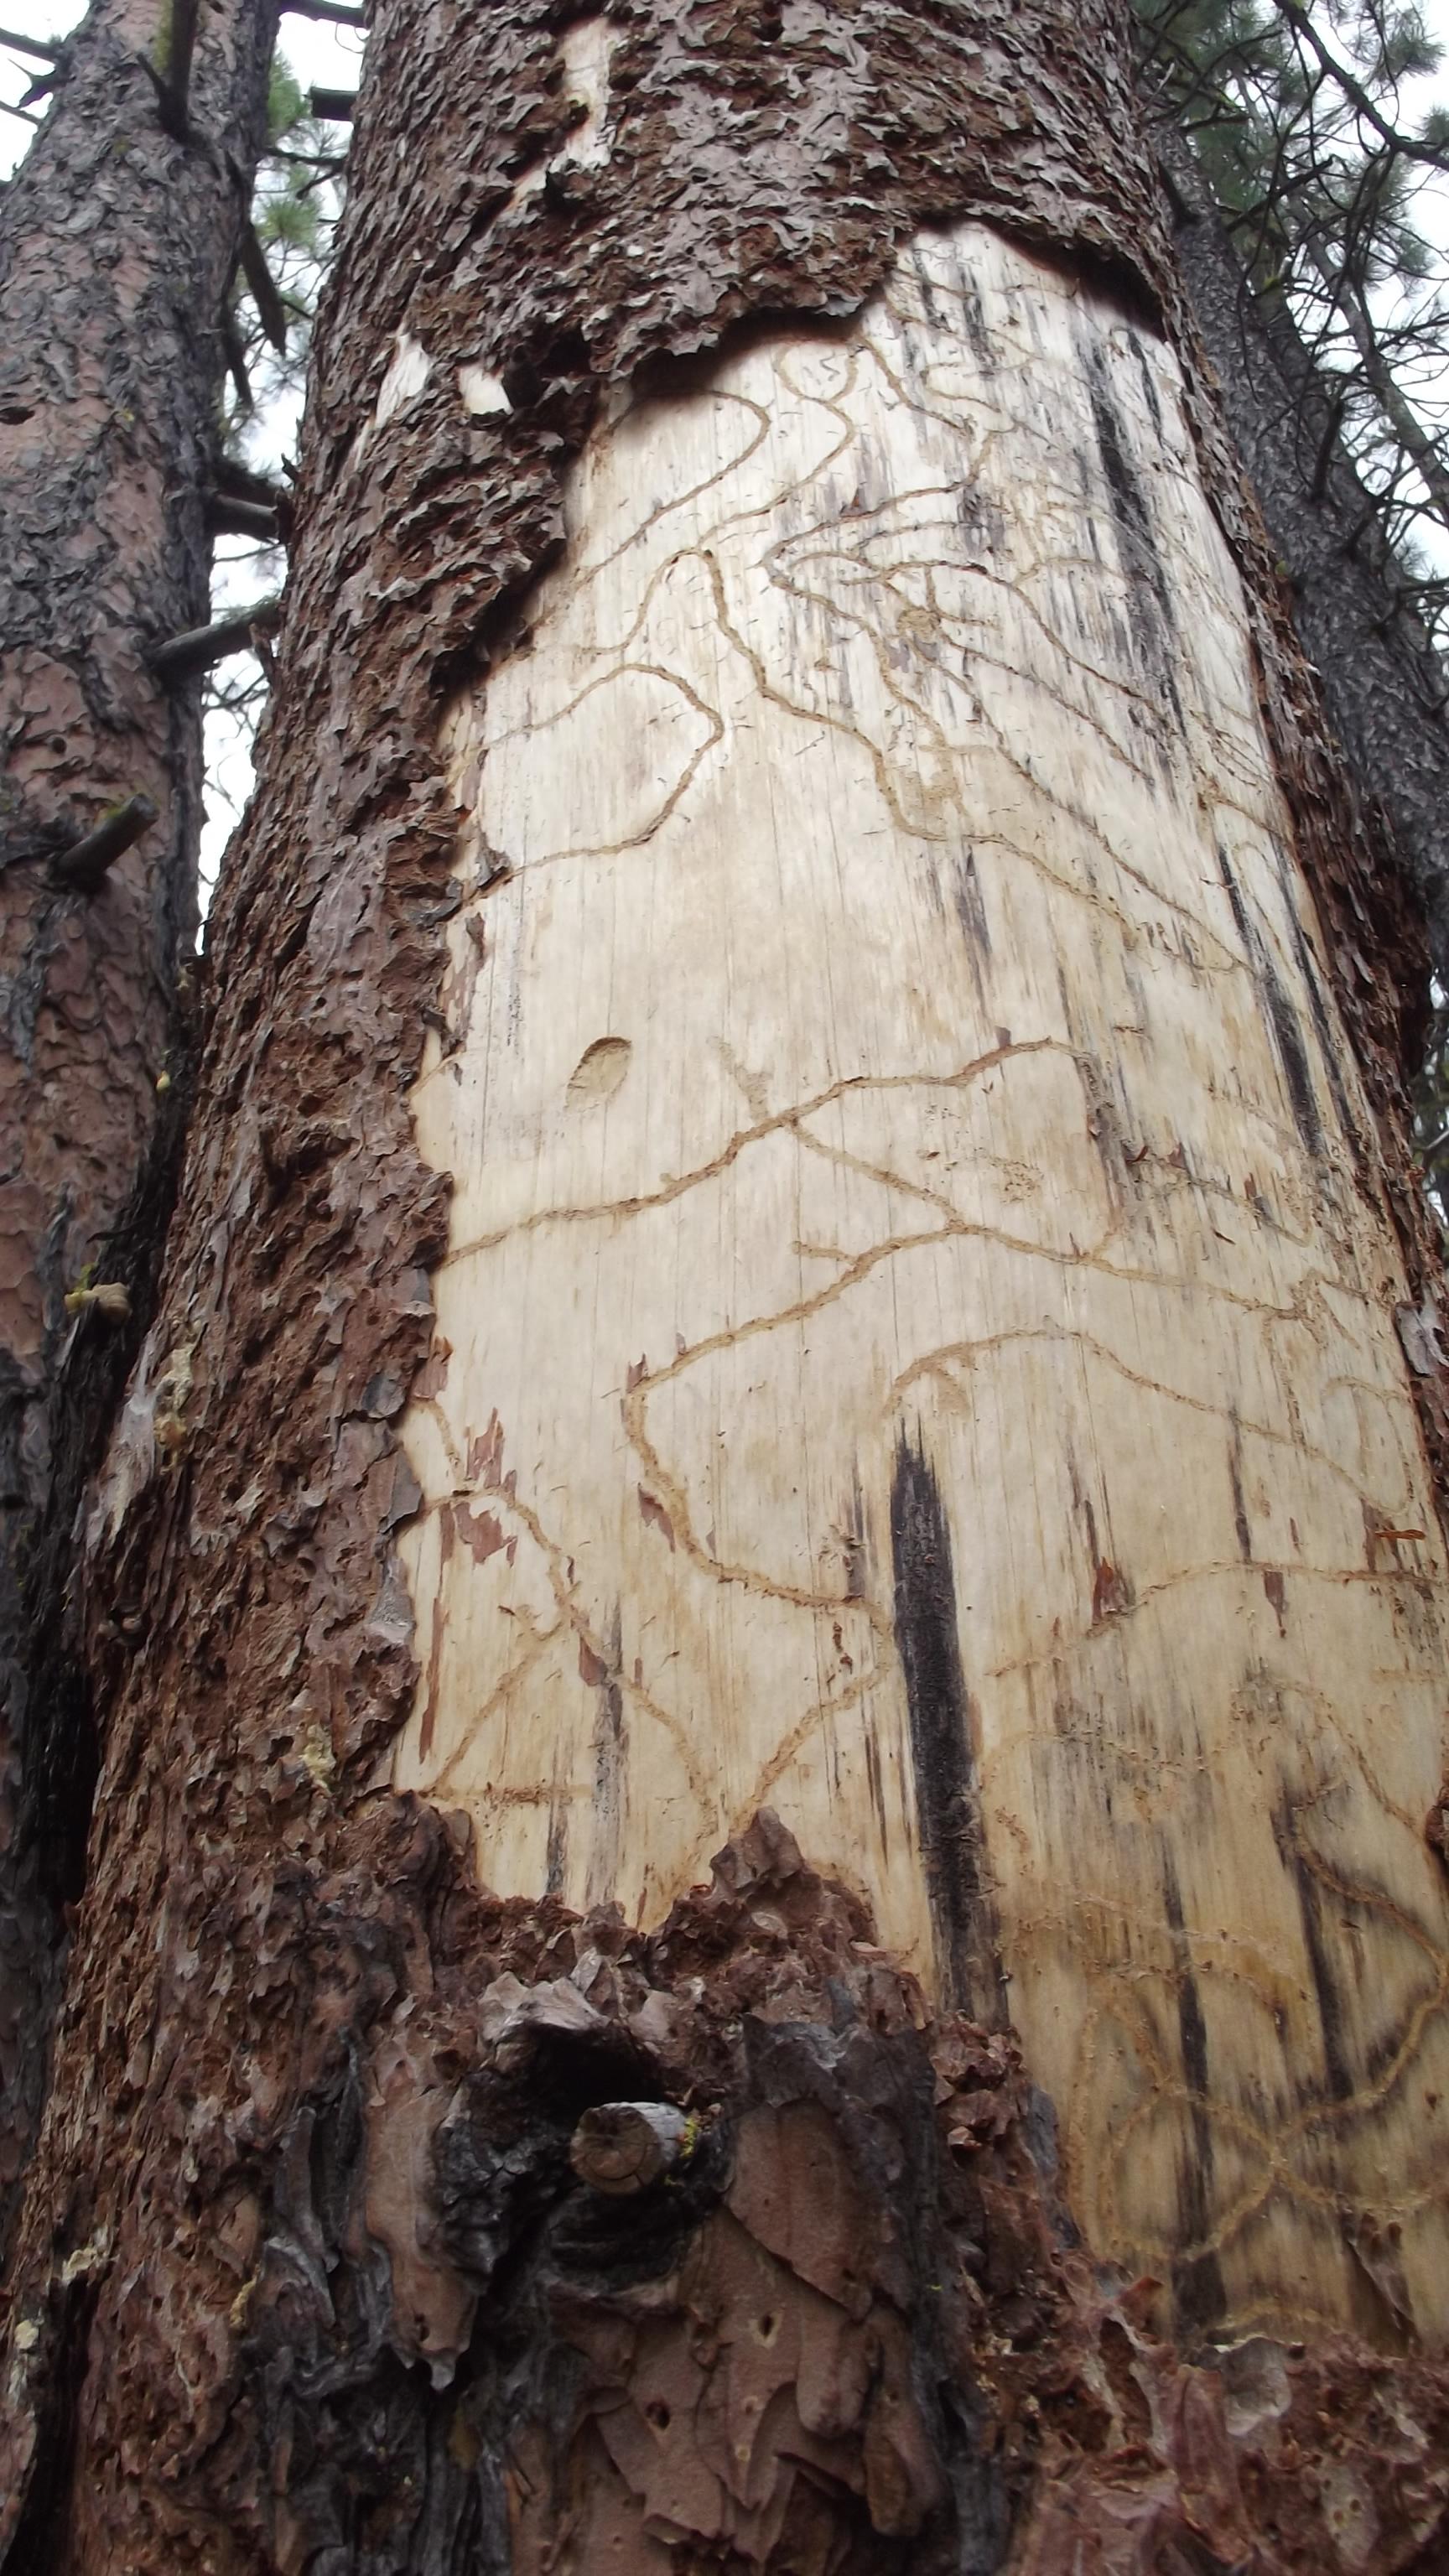 Gorge-Tree-Service-timber-cruise-oregon-washington-liscenced-website.jpg